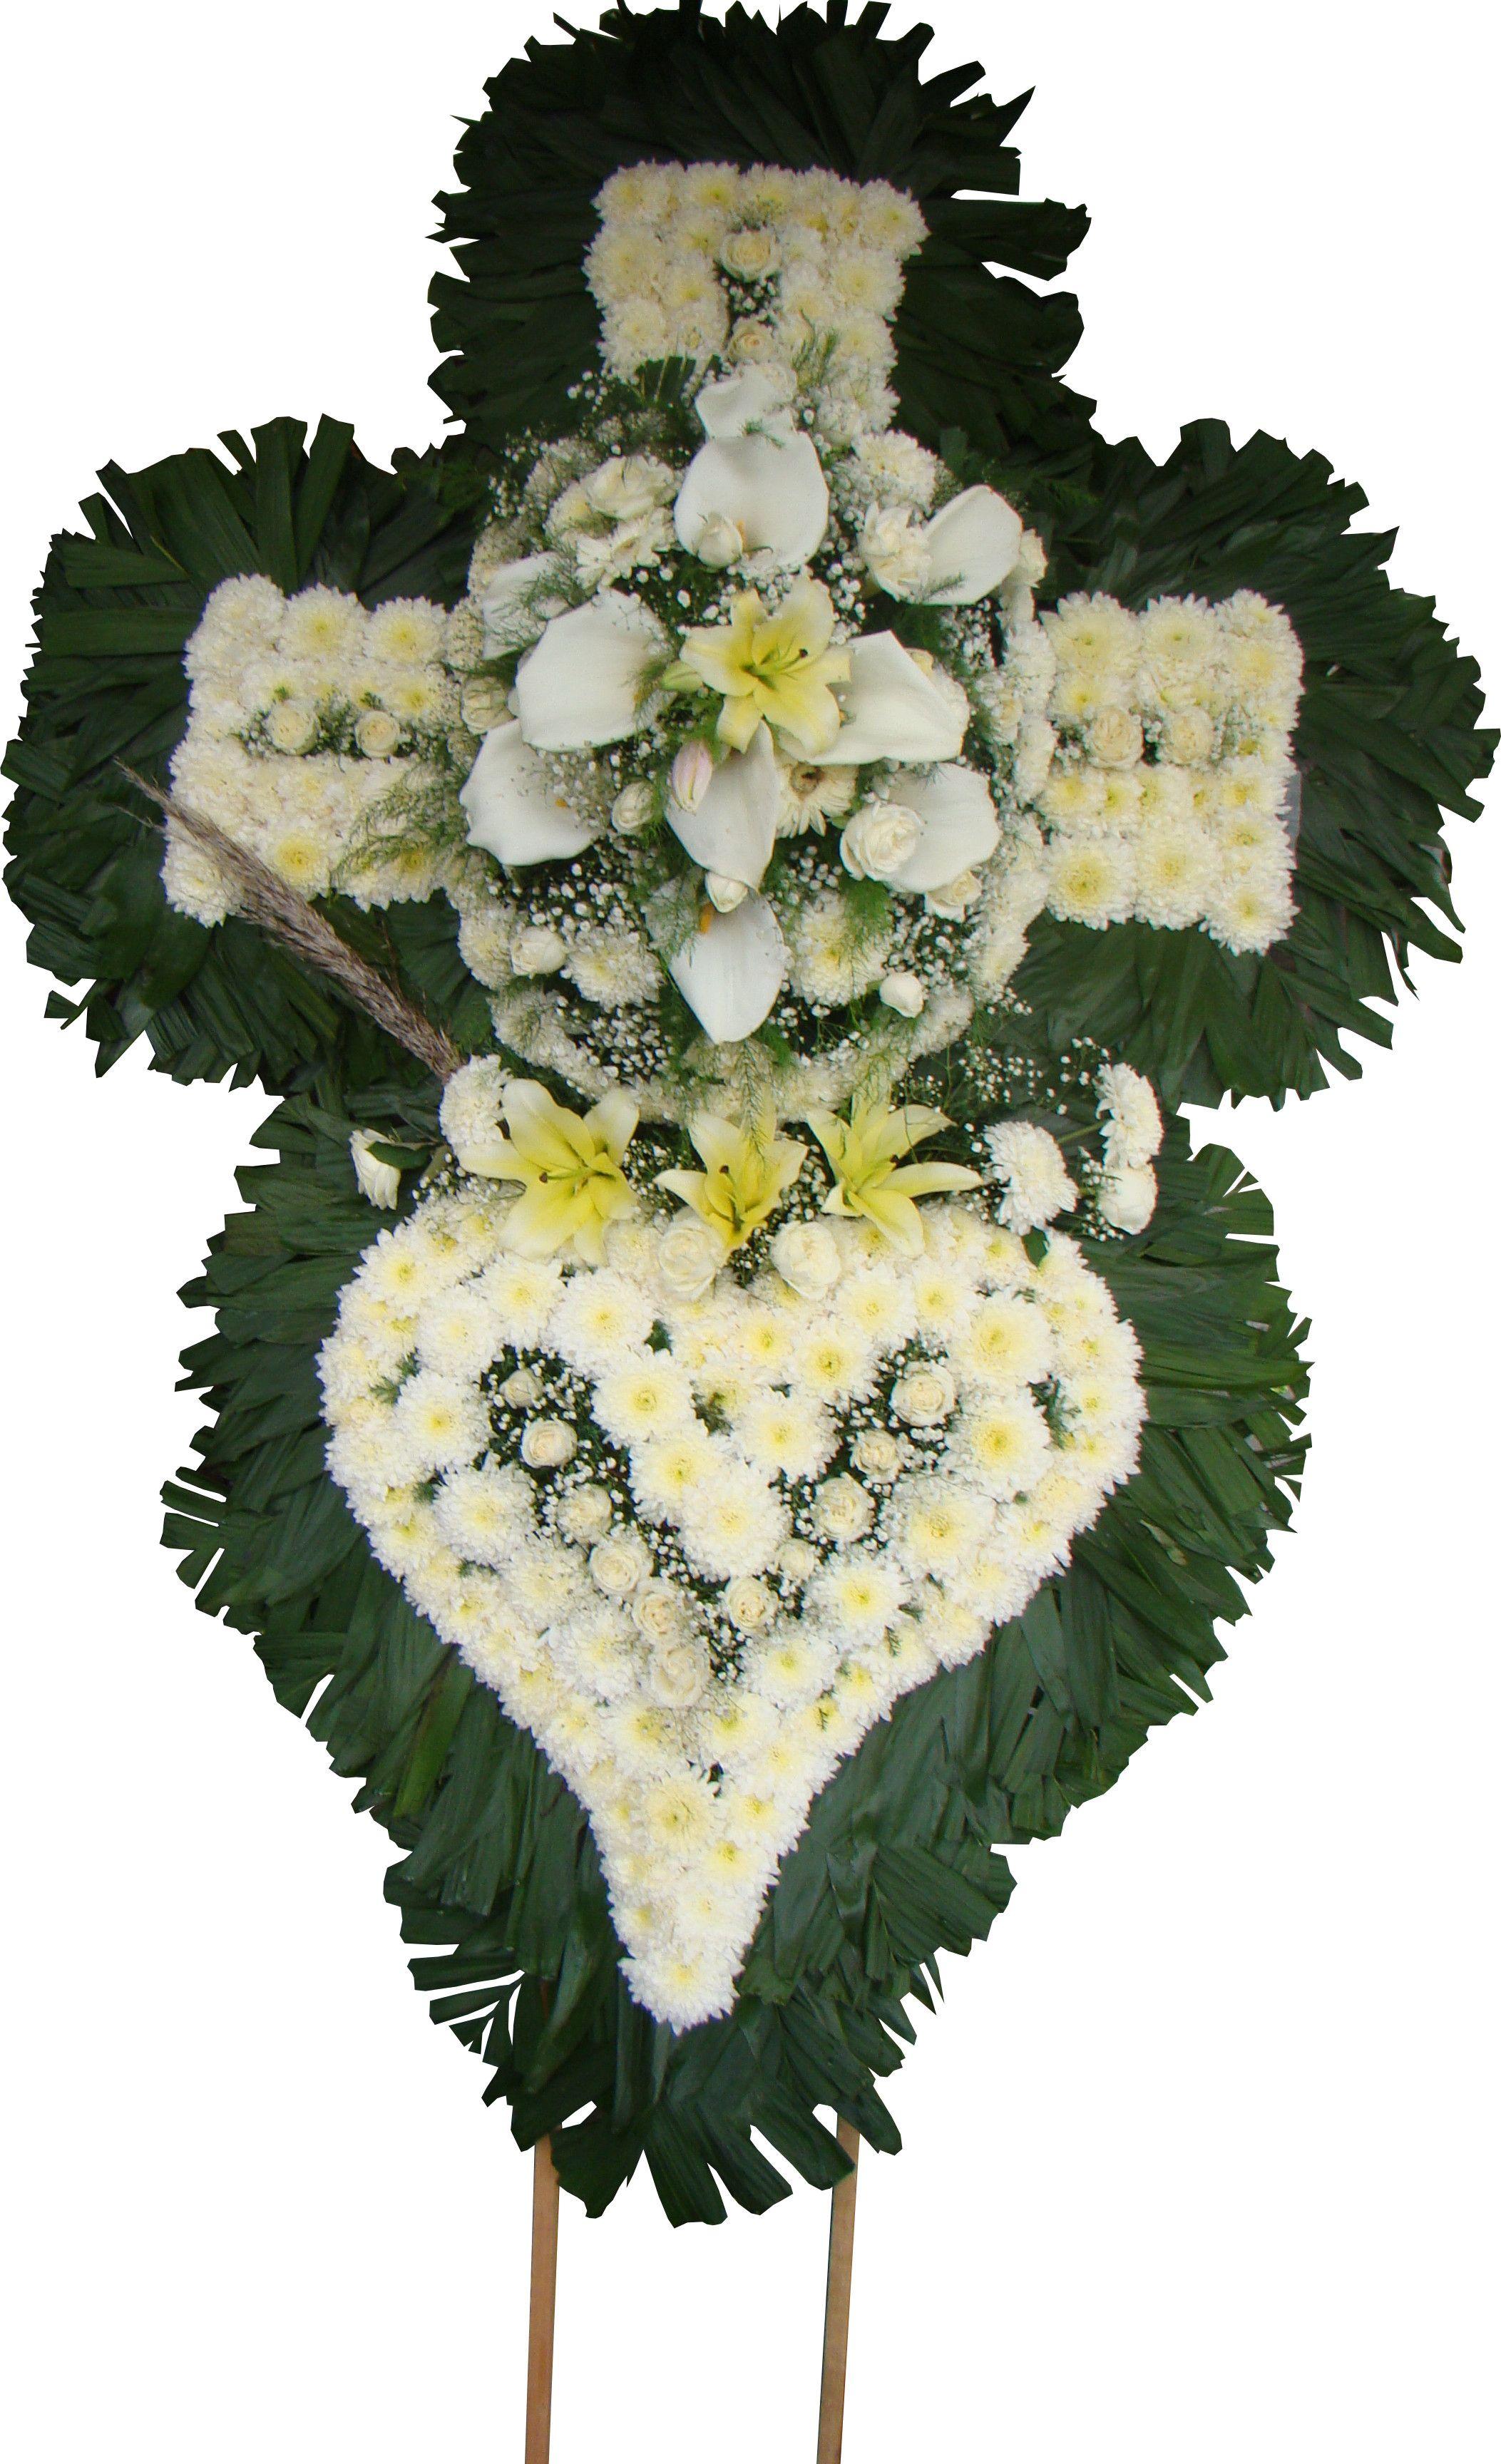 Corona de flores para funeral de flores toluca http www - Coronas de flore ...